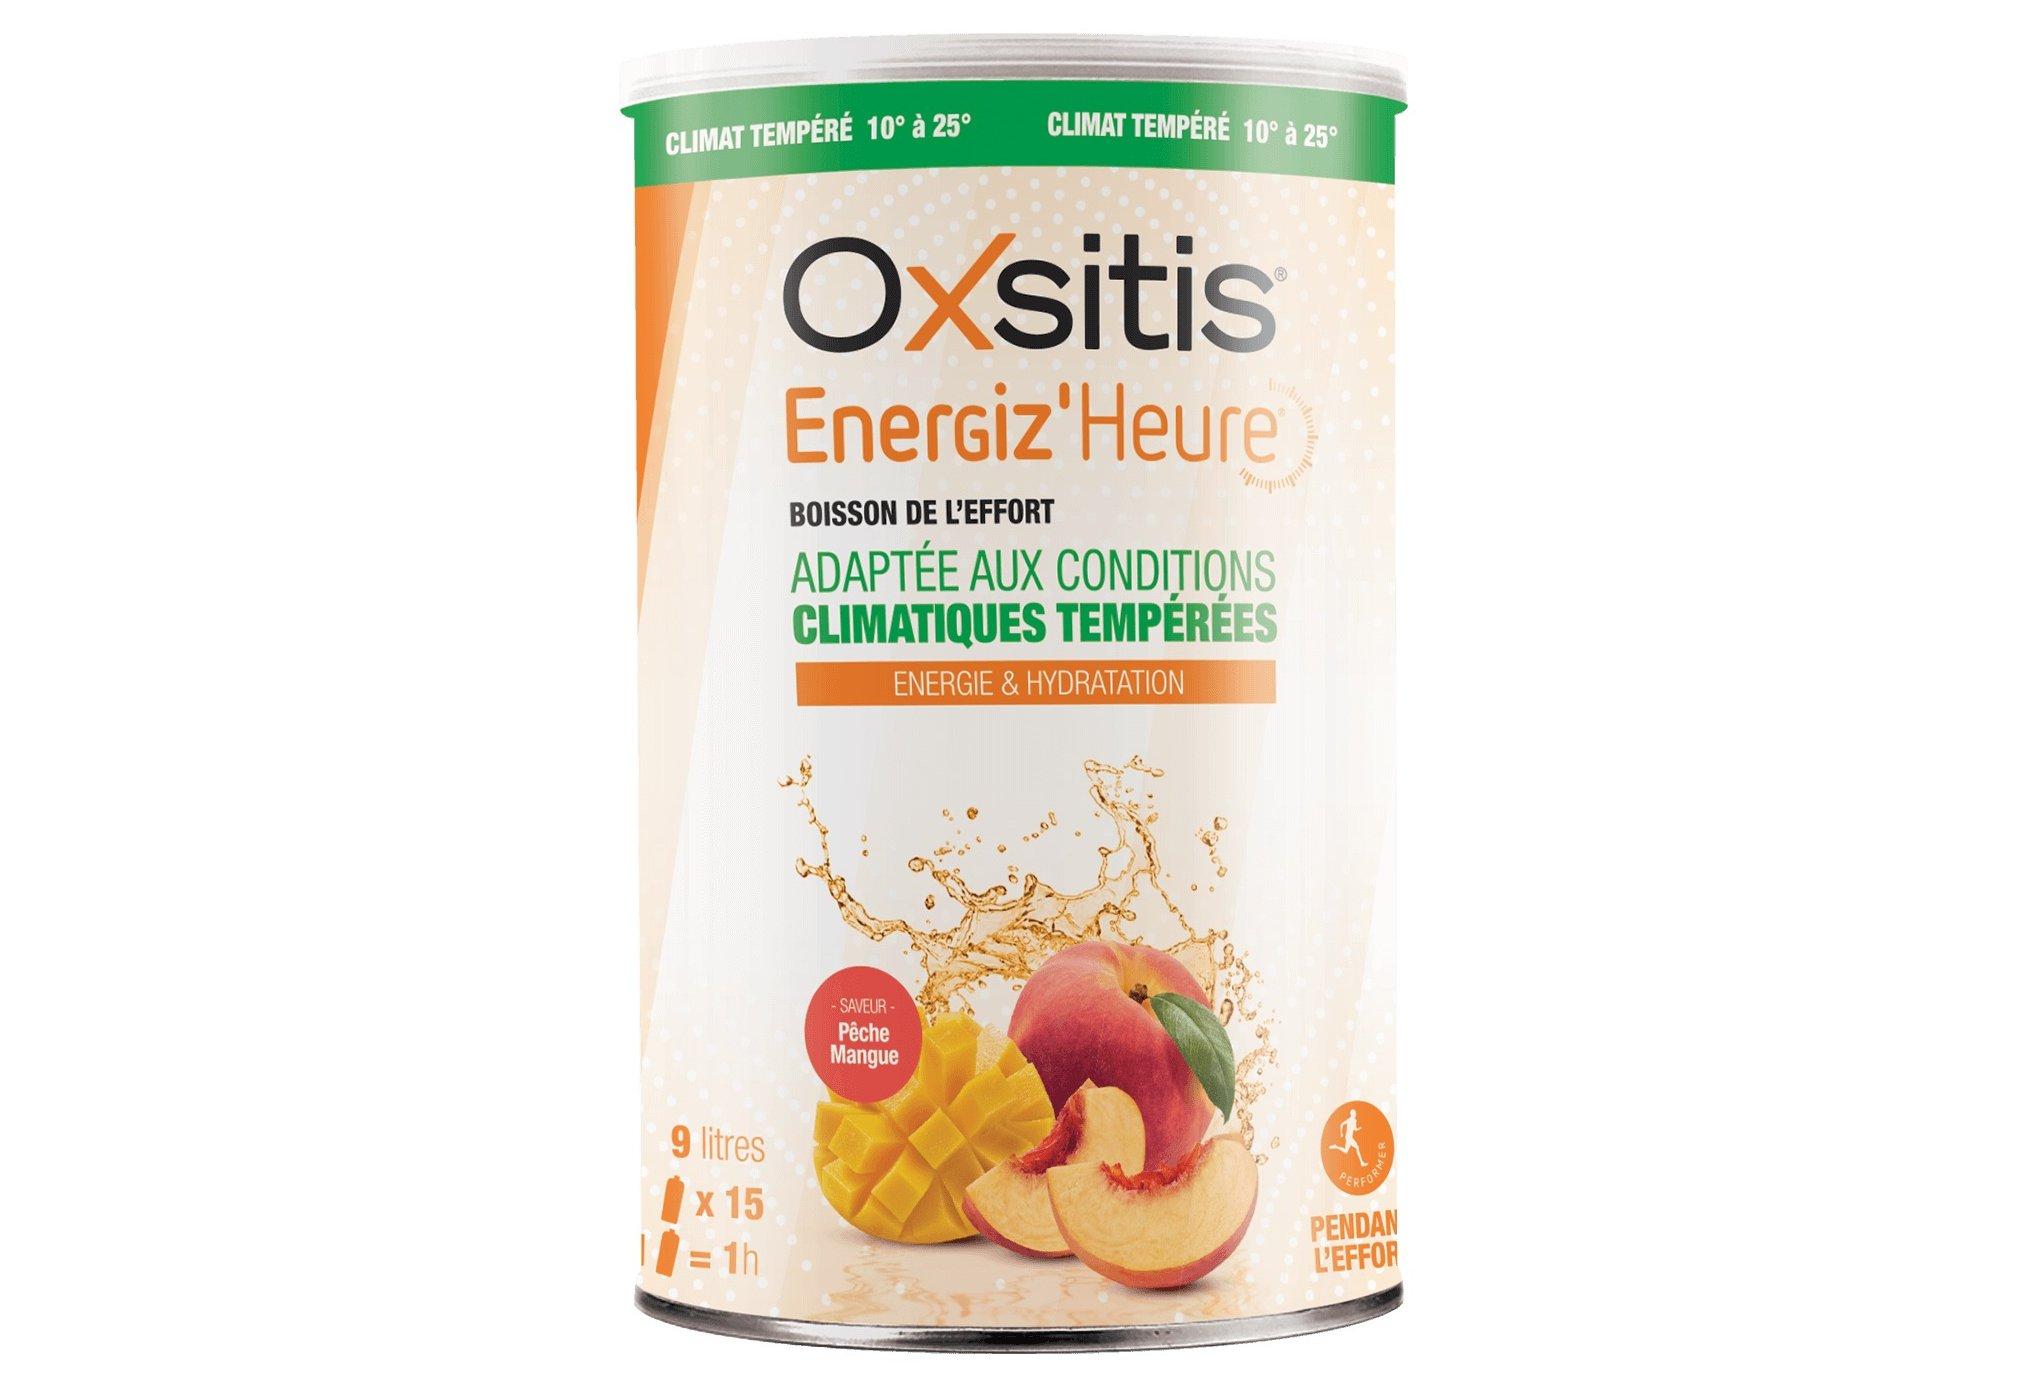 Oxsitis Boisson Energiz'Heure Climat Tempéré - Pêche/Mangue Diététique Boissons